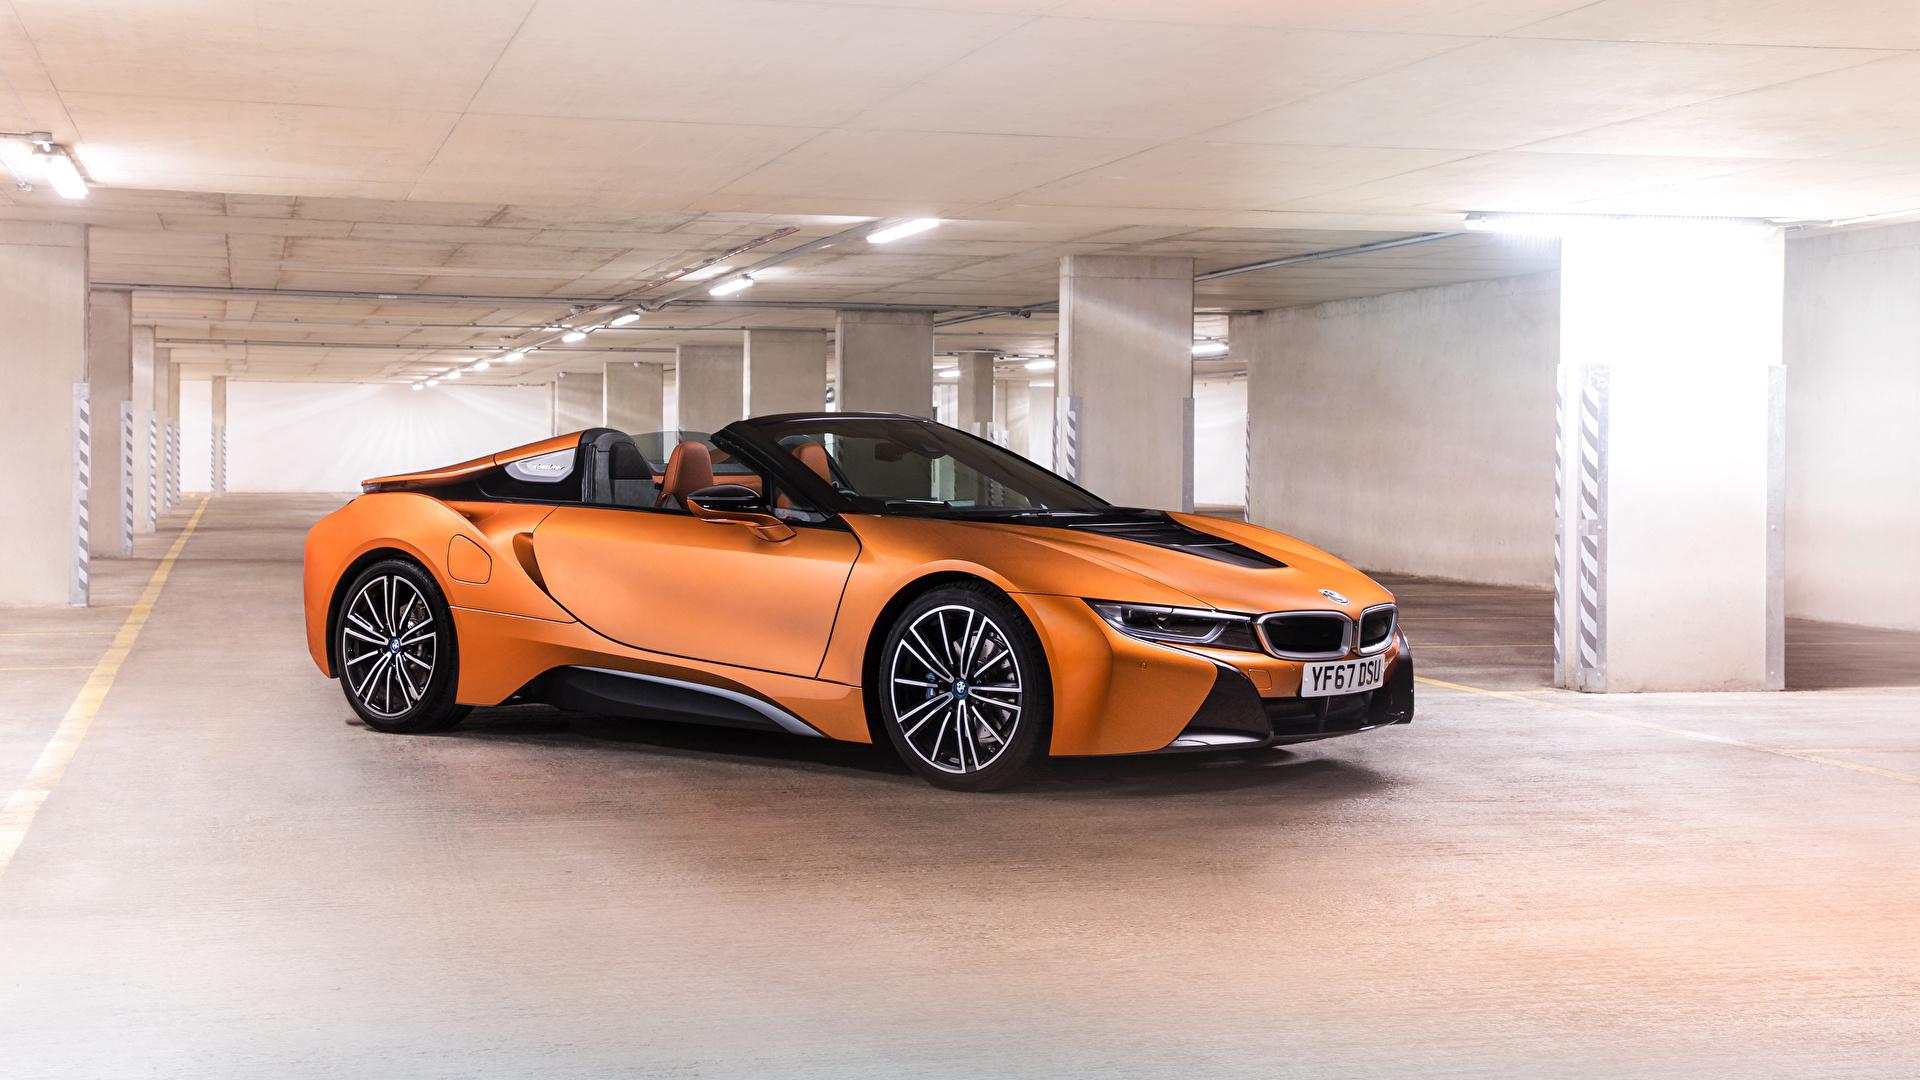 Фото BMW 2018 i8 Roadster Родстер Оранжевый авто 1920x1080 БМВ оранжевых оранжевые оранжевая машина машины автомобиль Автомобили